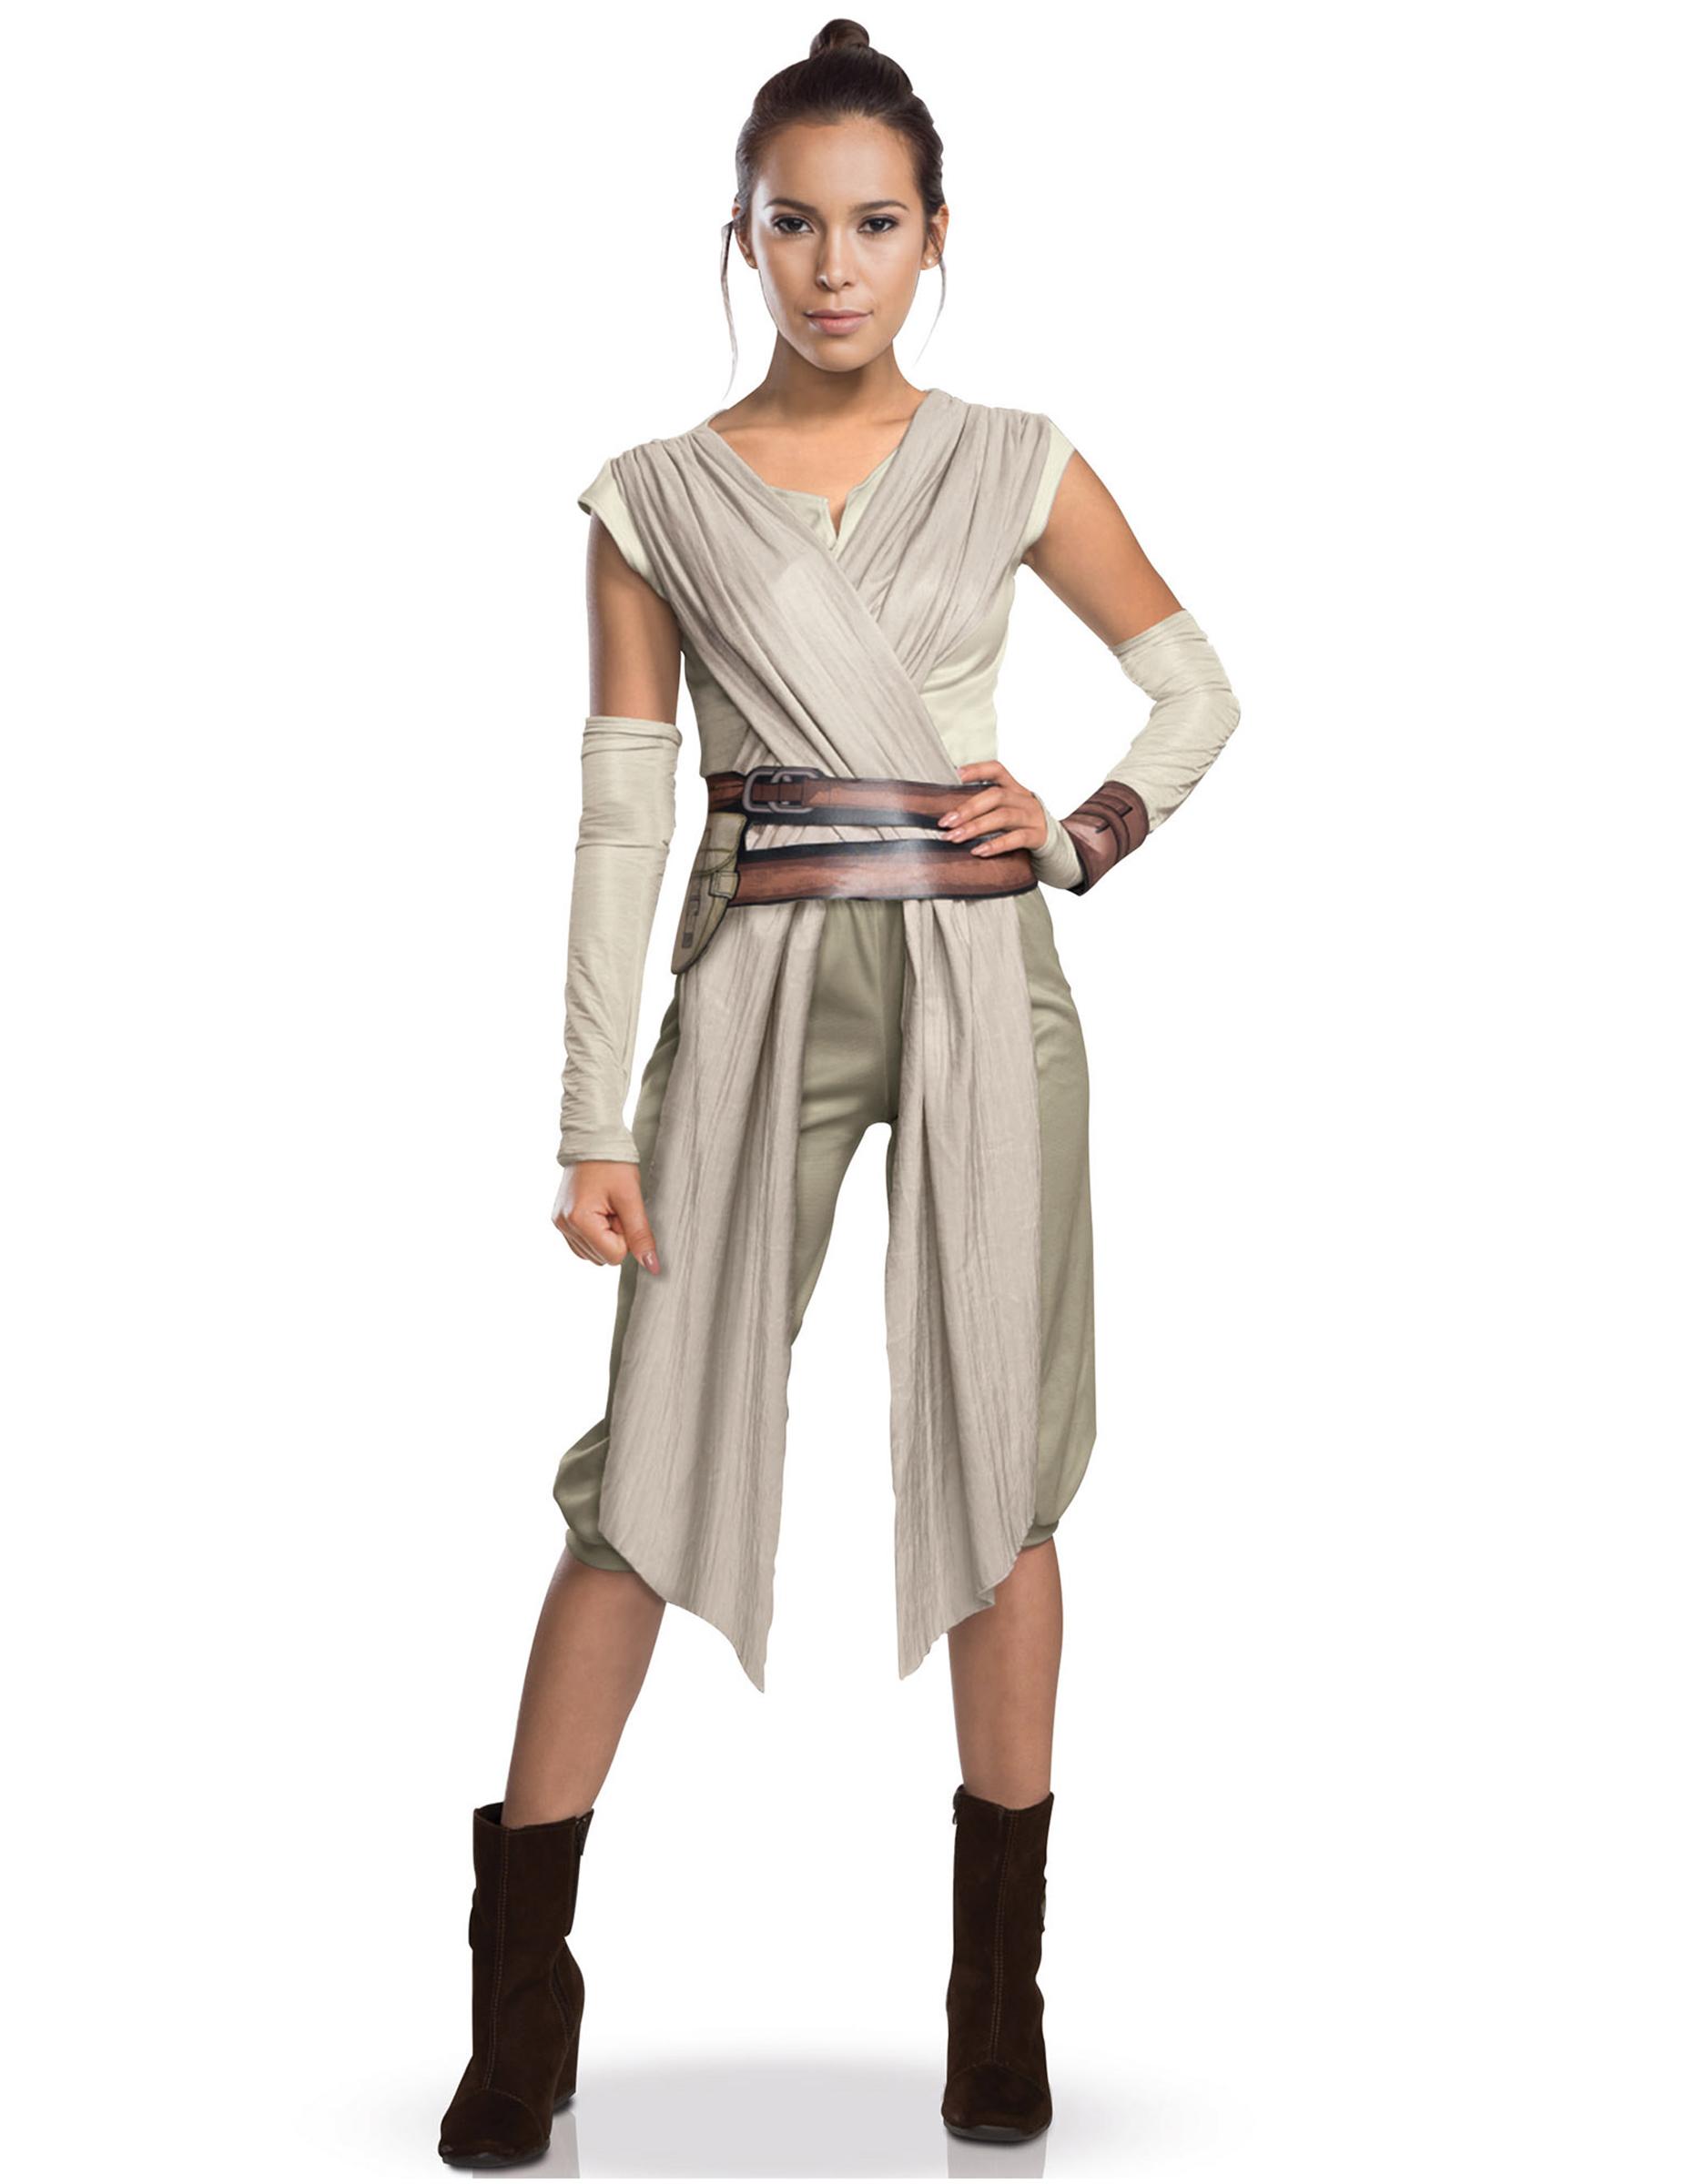 Disfraz adulto rey deluxe star wars vii disfraces for Disfraces baratos